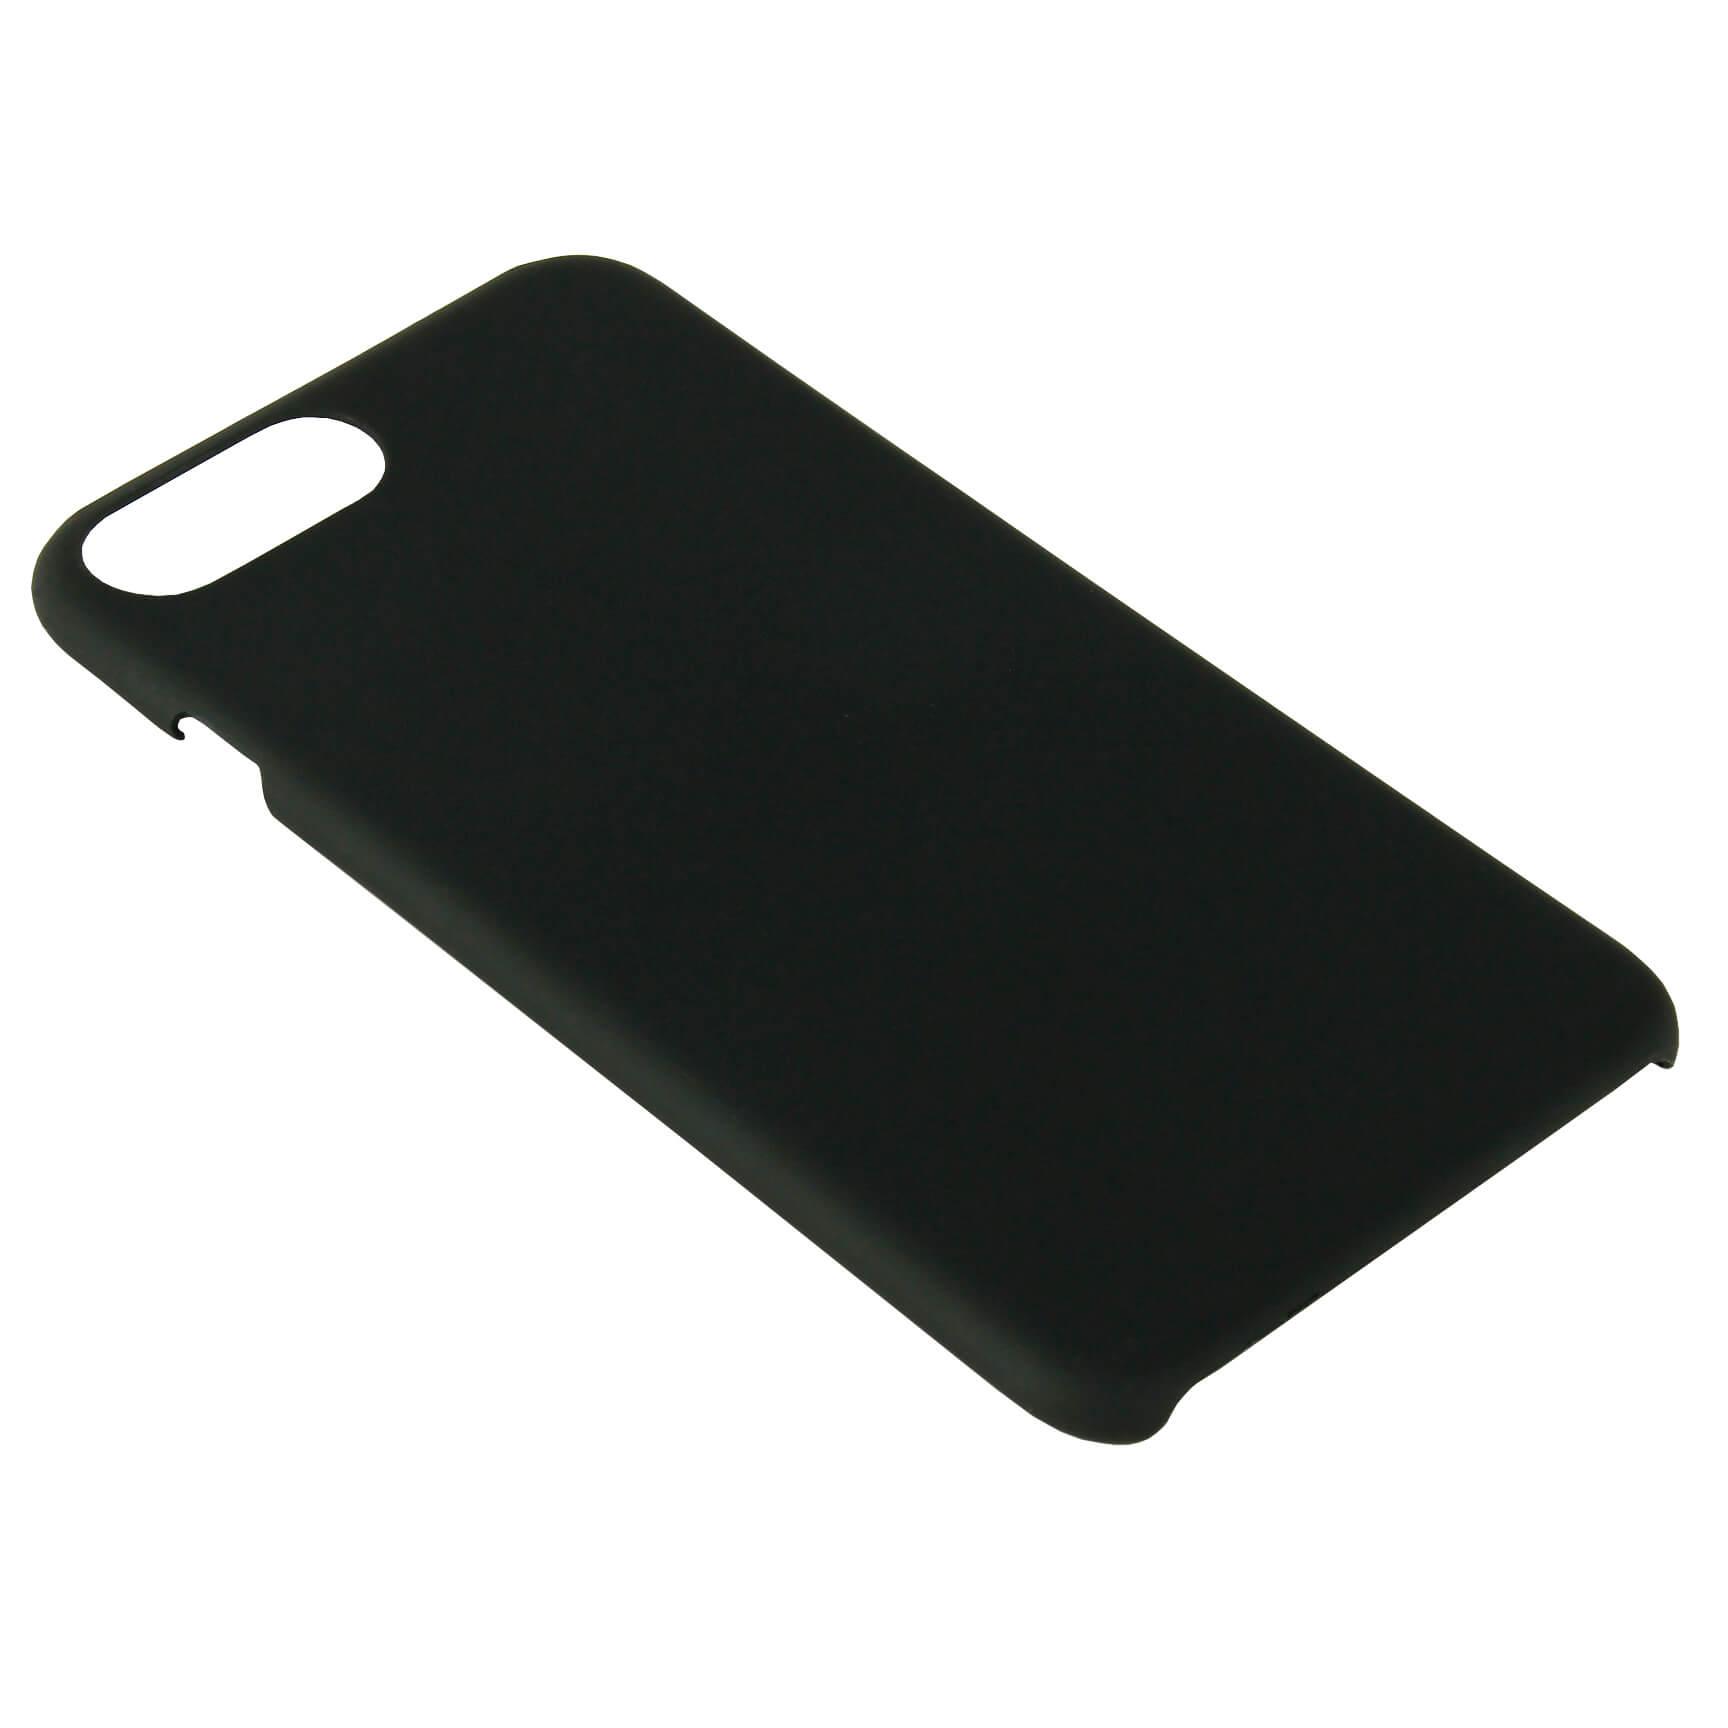 GEAR mobilskal till iPhone6/7/8 Plus - Svart